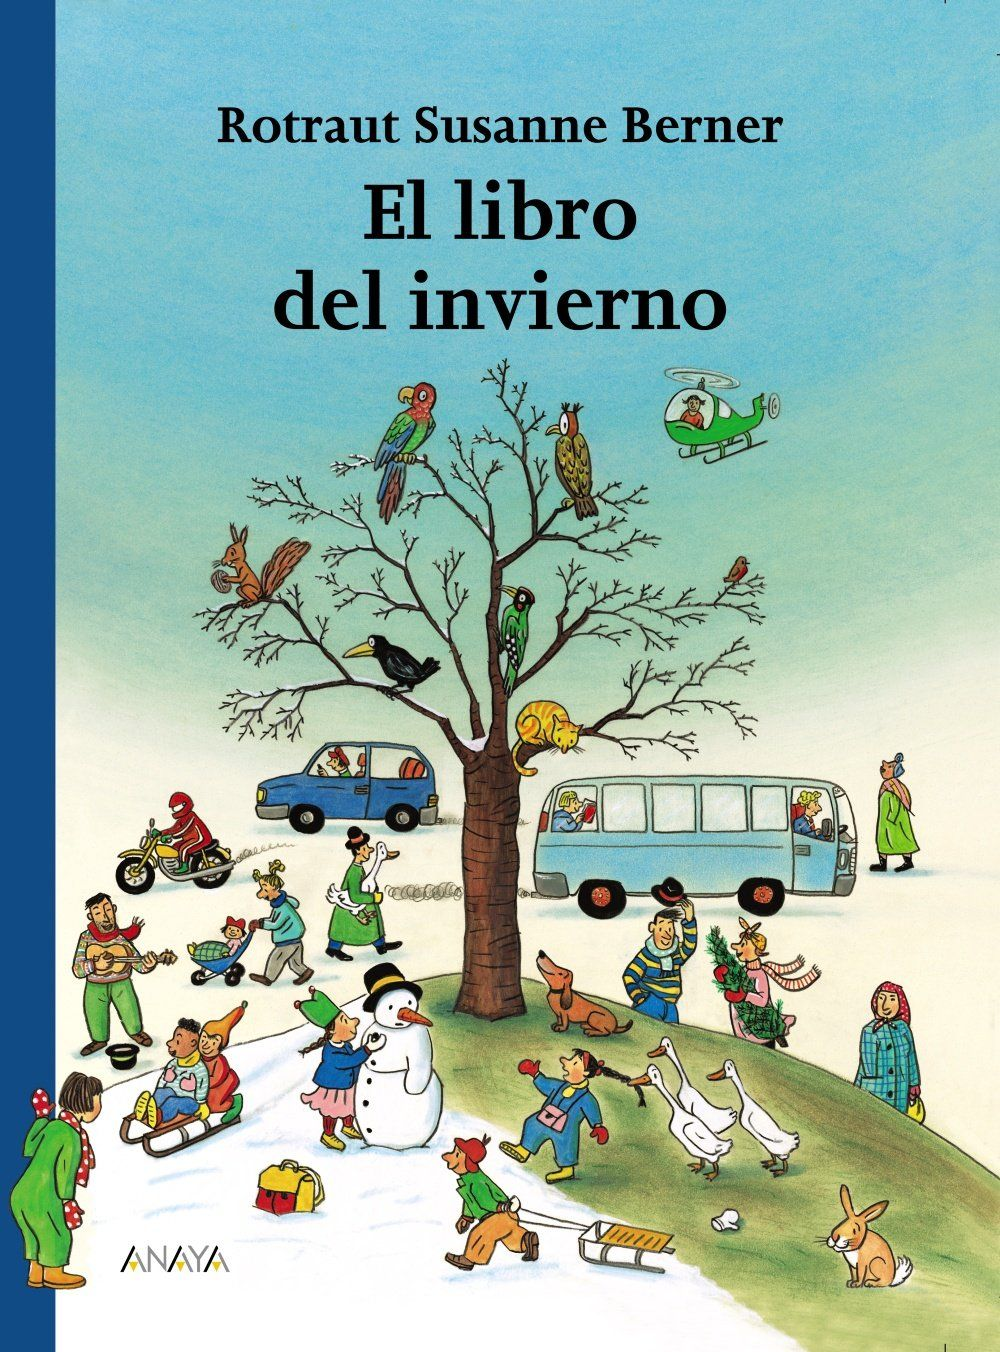 El libro del invierno, Anaya.    Rotraut Susanne Berner    Dibujos de pequeñas aventuras que les suceden a las personas y a los animales en un día de invierno.